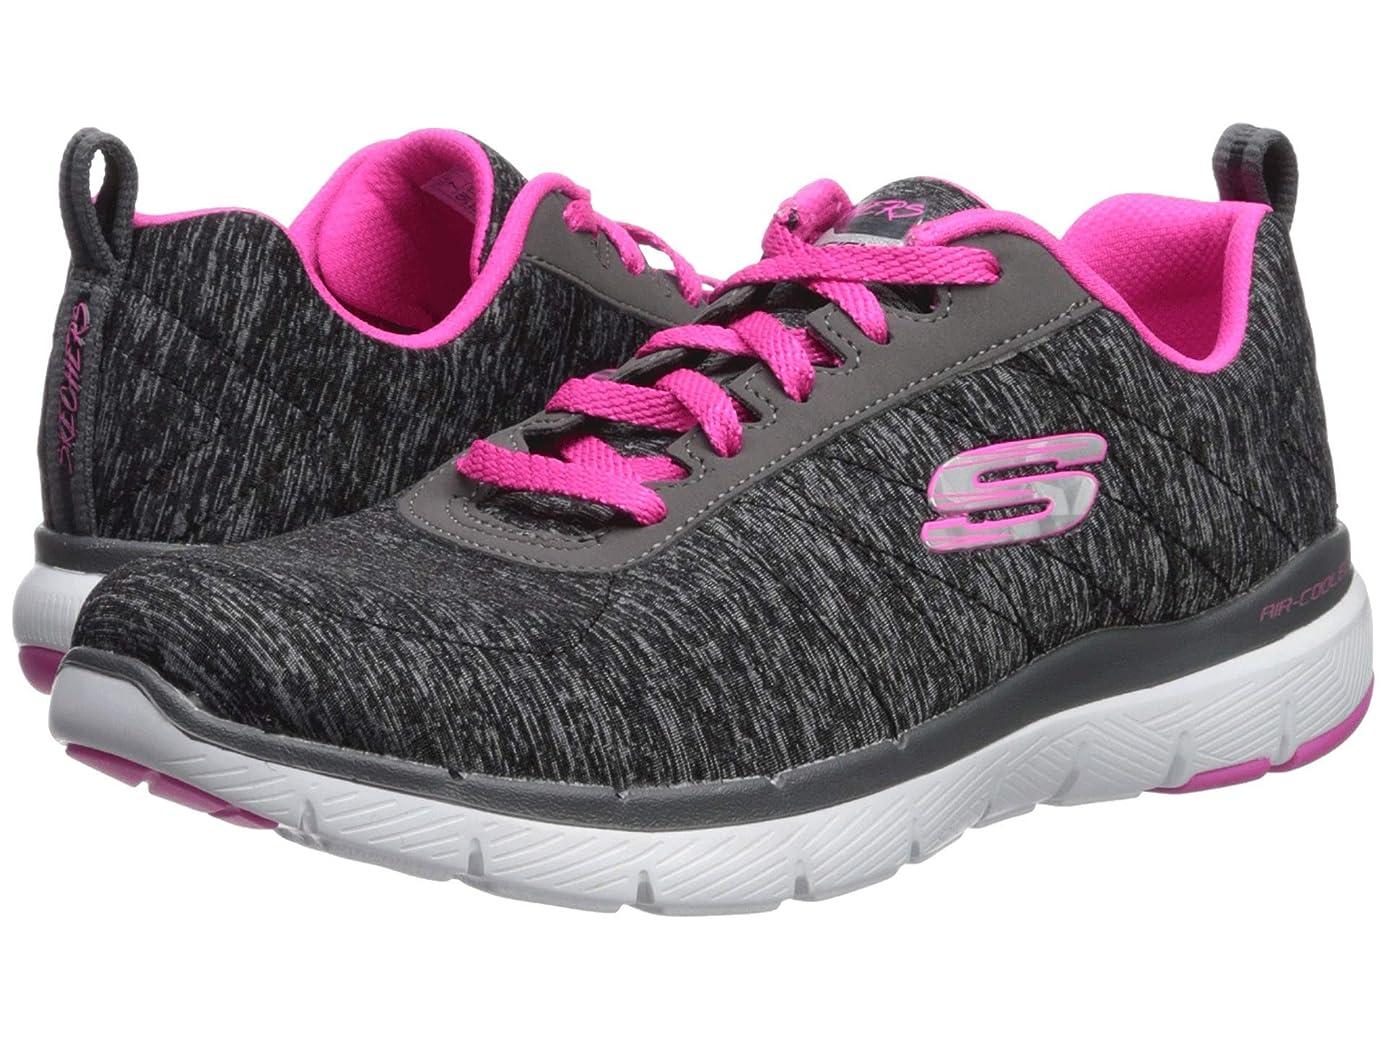 優先権引っ張る役員レディーススニーカー?ウォーキングシューズ?靴 Flex Appeal 3.0 - Insiders Black/Hot Pink 8 (25cm) B - Medium [並行輸入品]